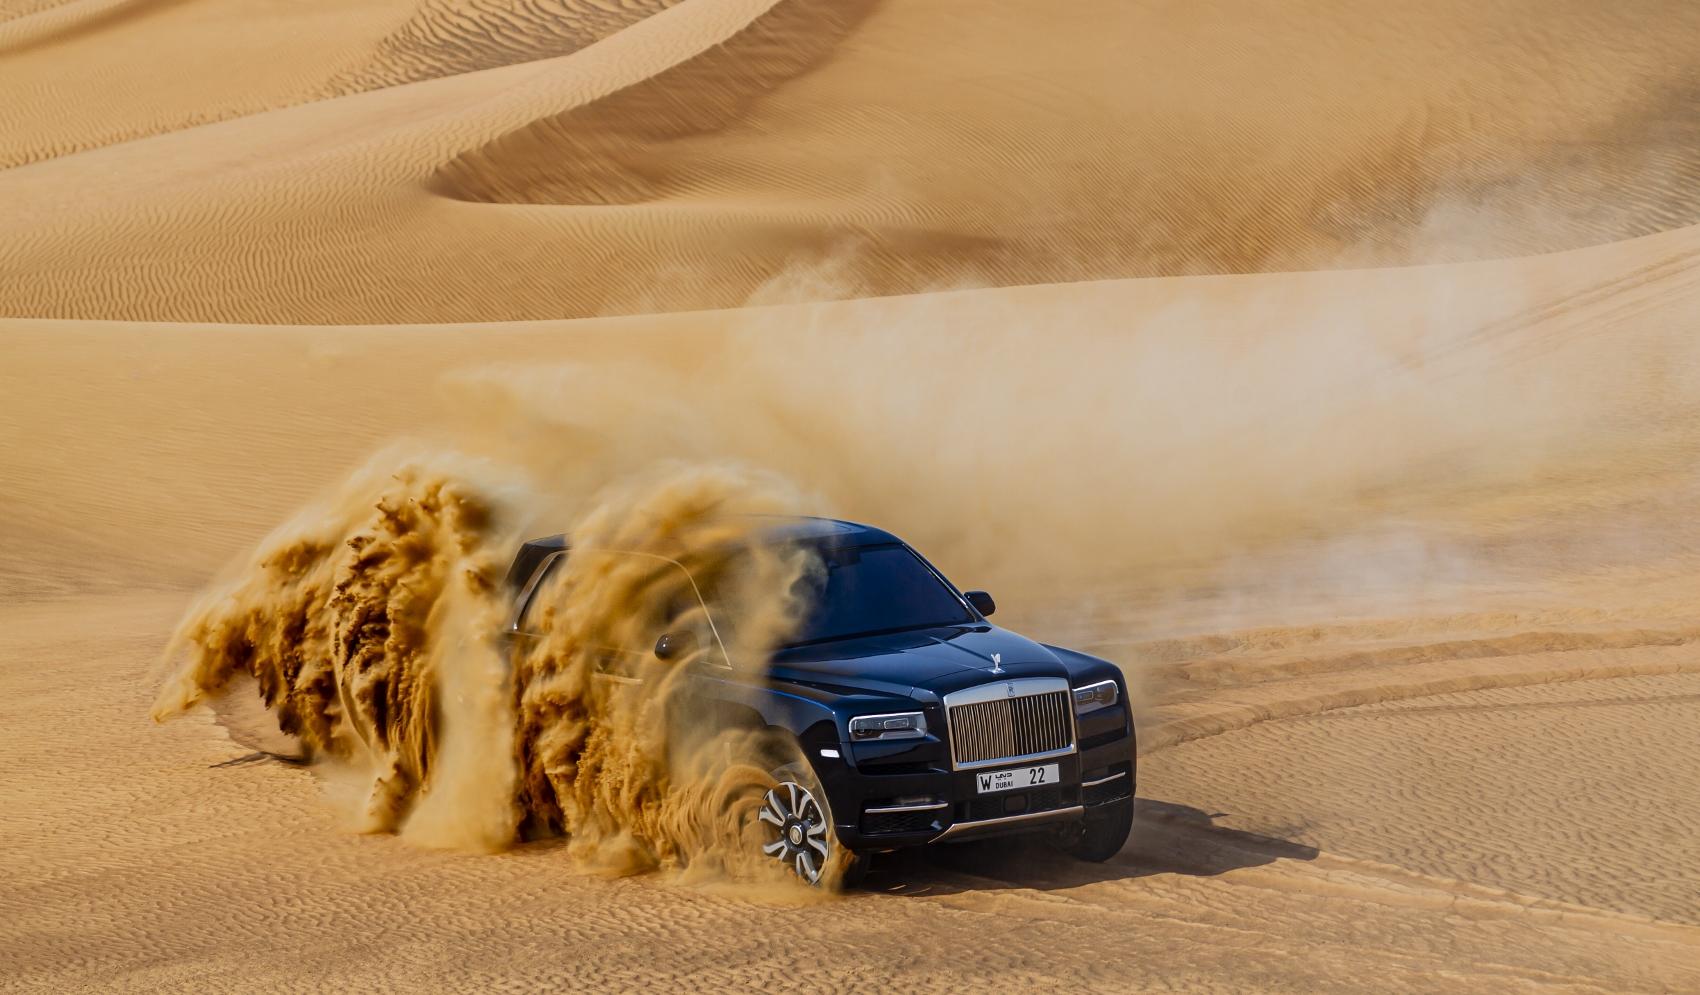 Rolls Royce Cullinan sa predviedol na púšti. Pozrite si foto aj video at1L0BqROW rolls-royce-cullina